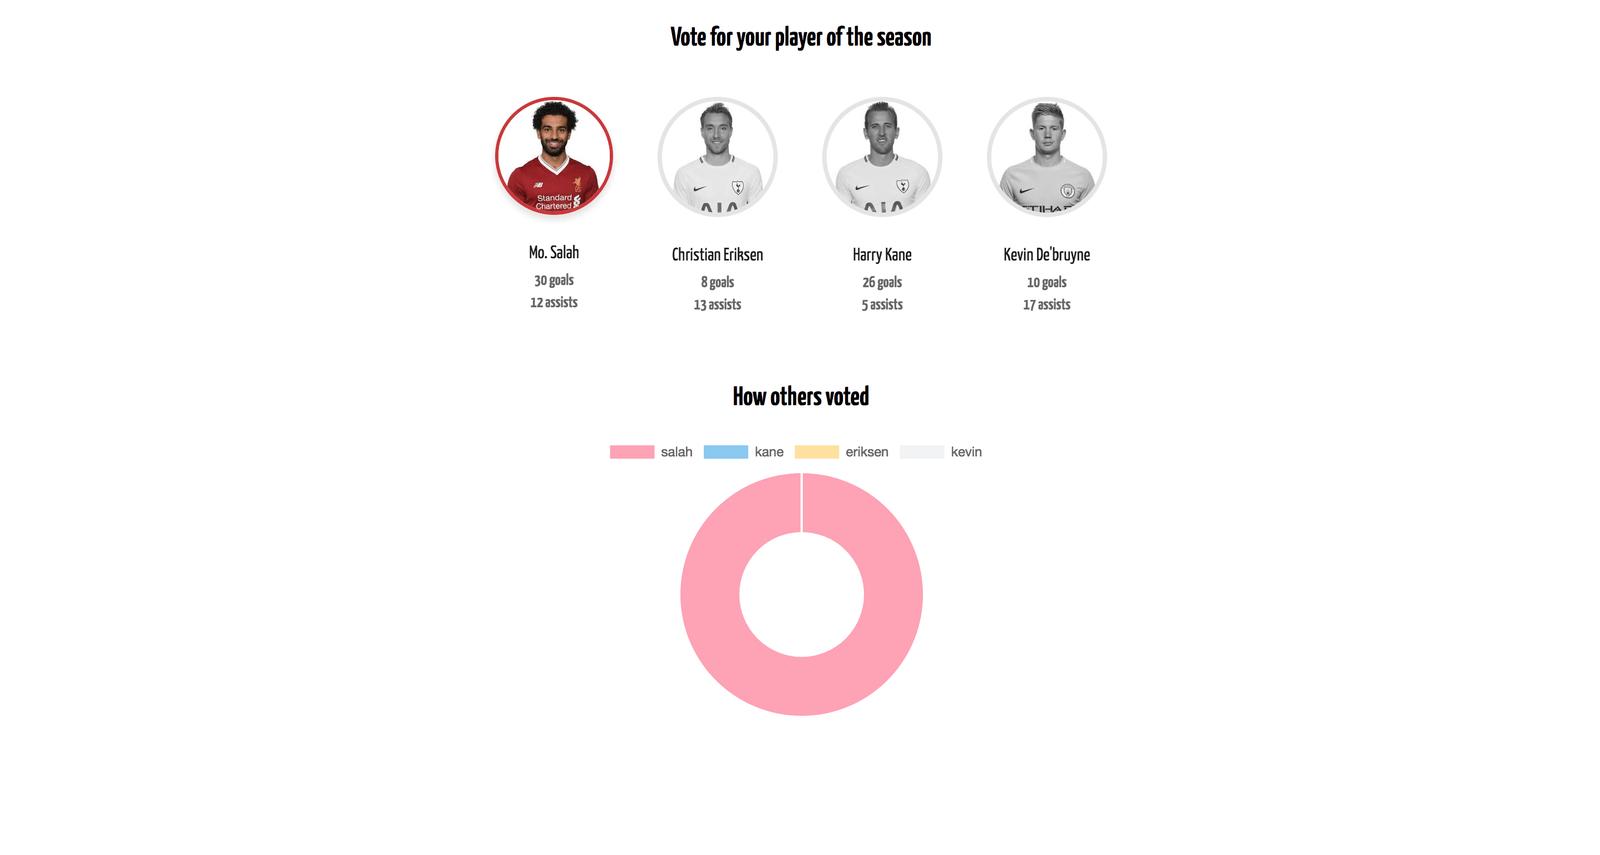 Build a realtime poll using Angular